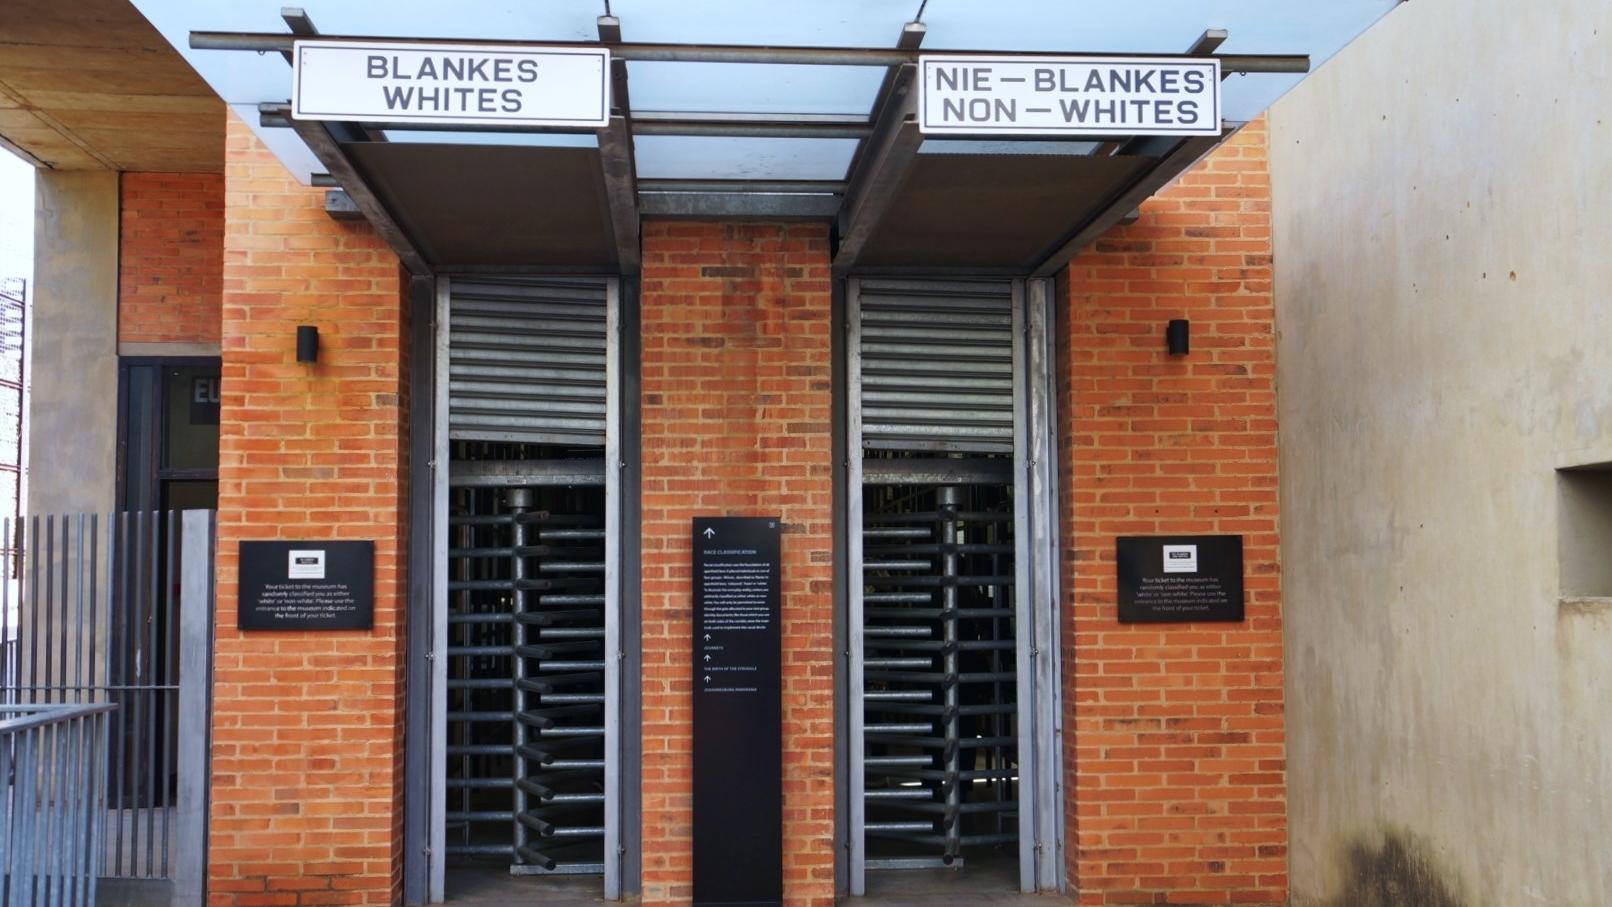 apartheid-museum-whites-nonwhites